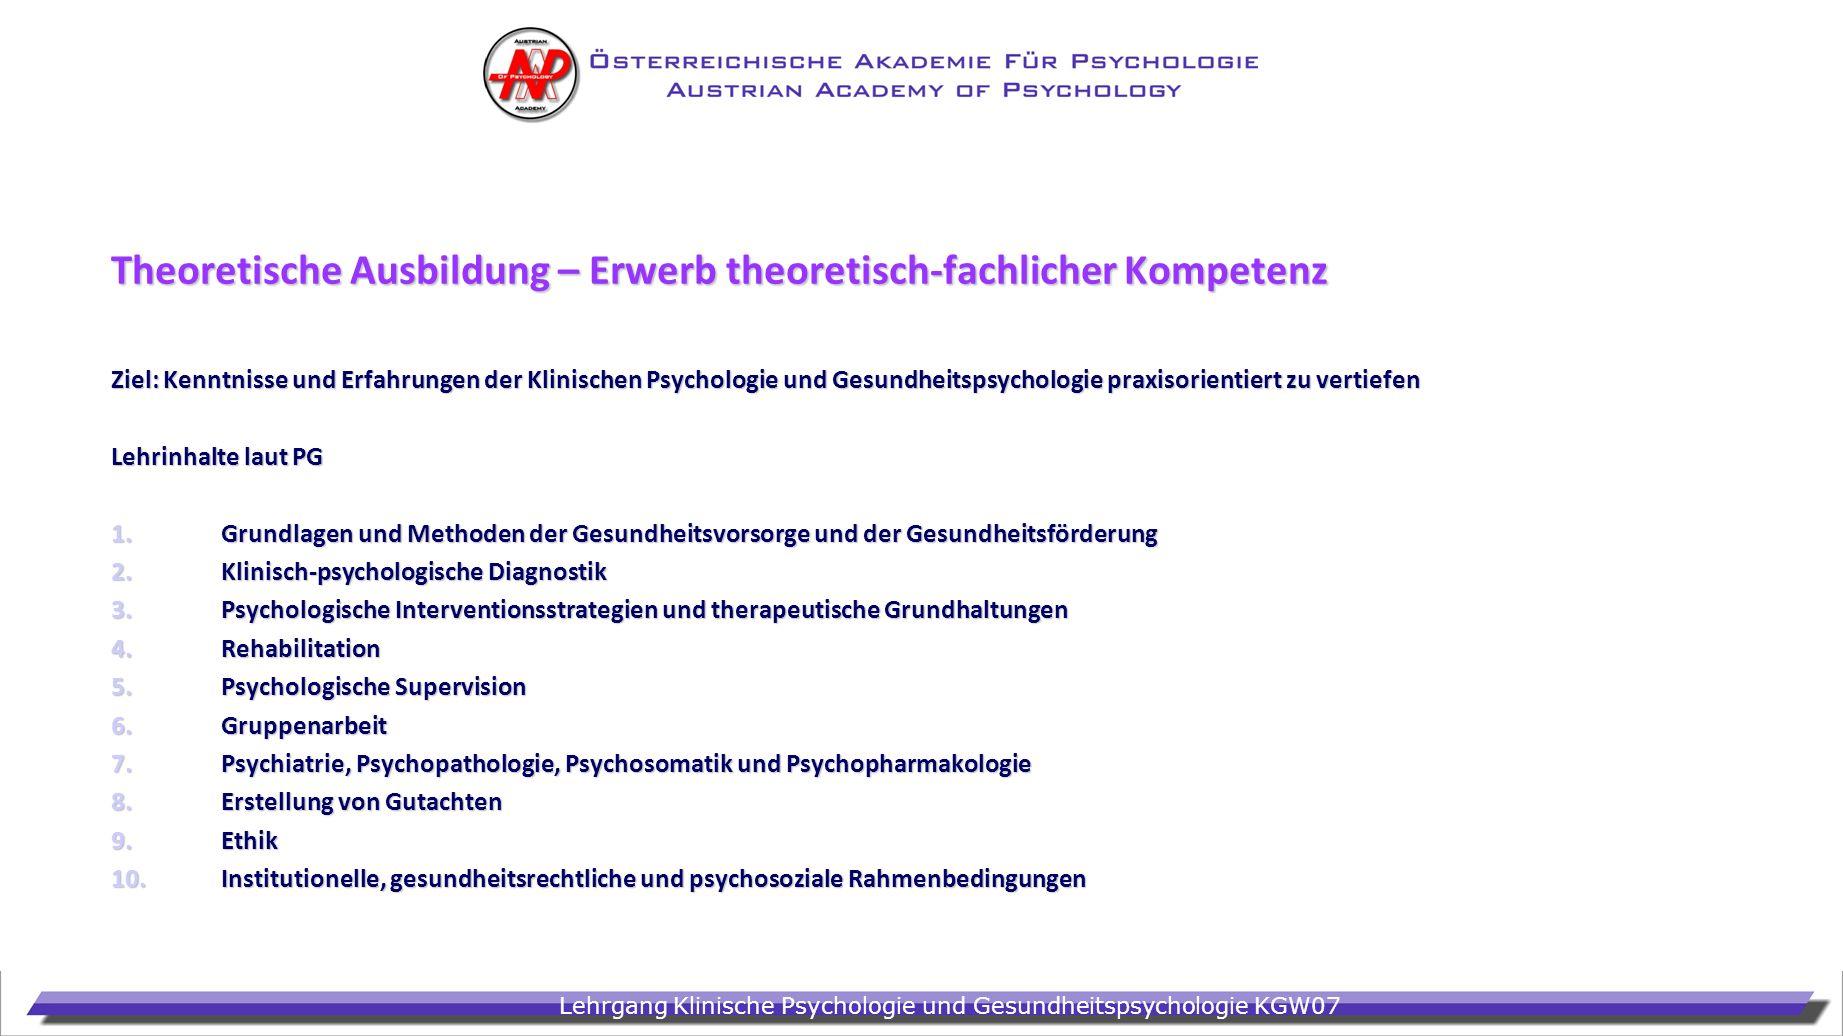 Theoretische Ausbildung – Erwerb theoretisch-fachlicher Kompetenz